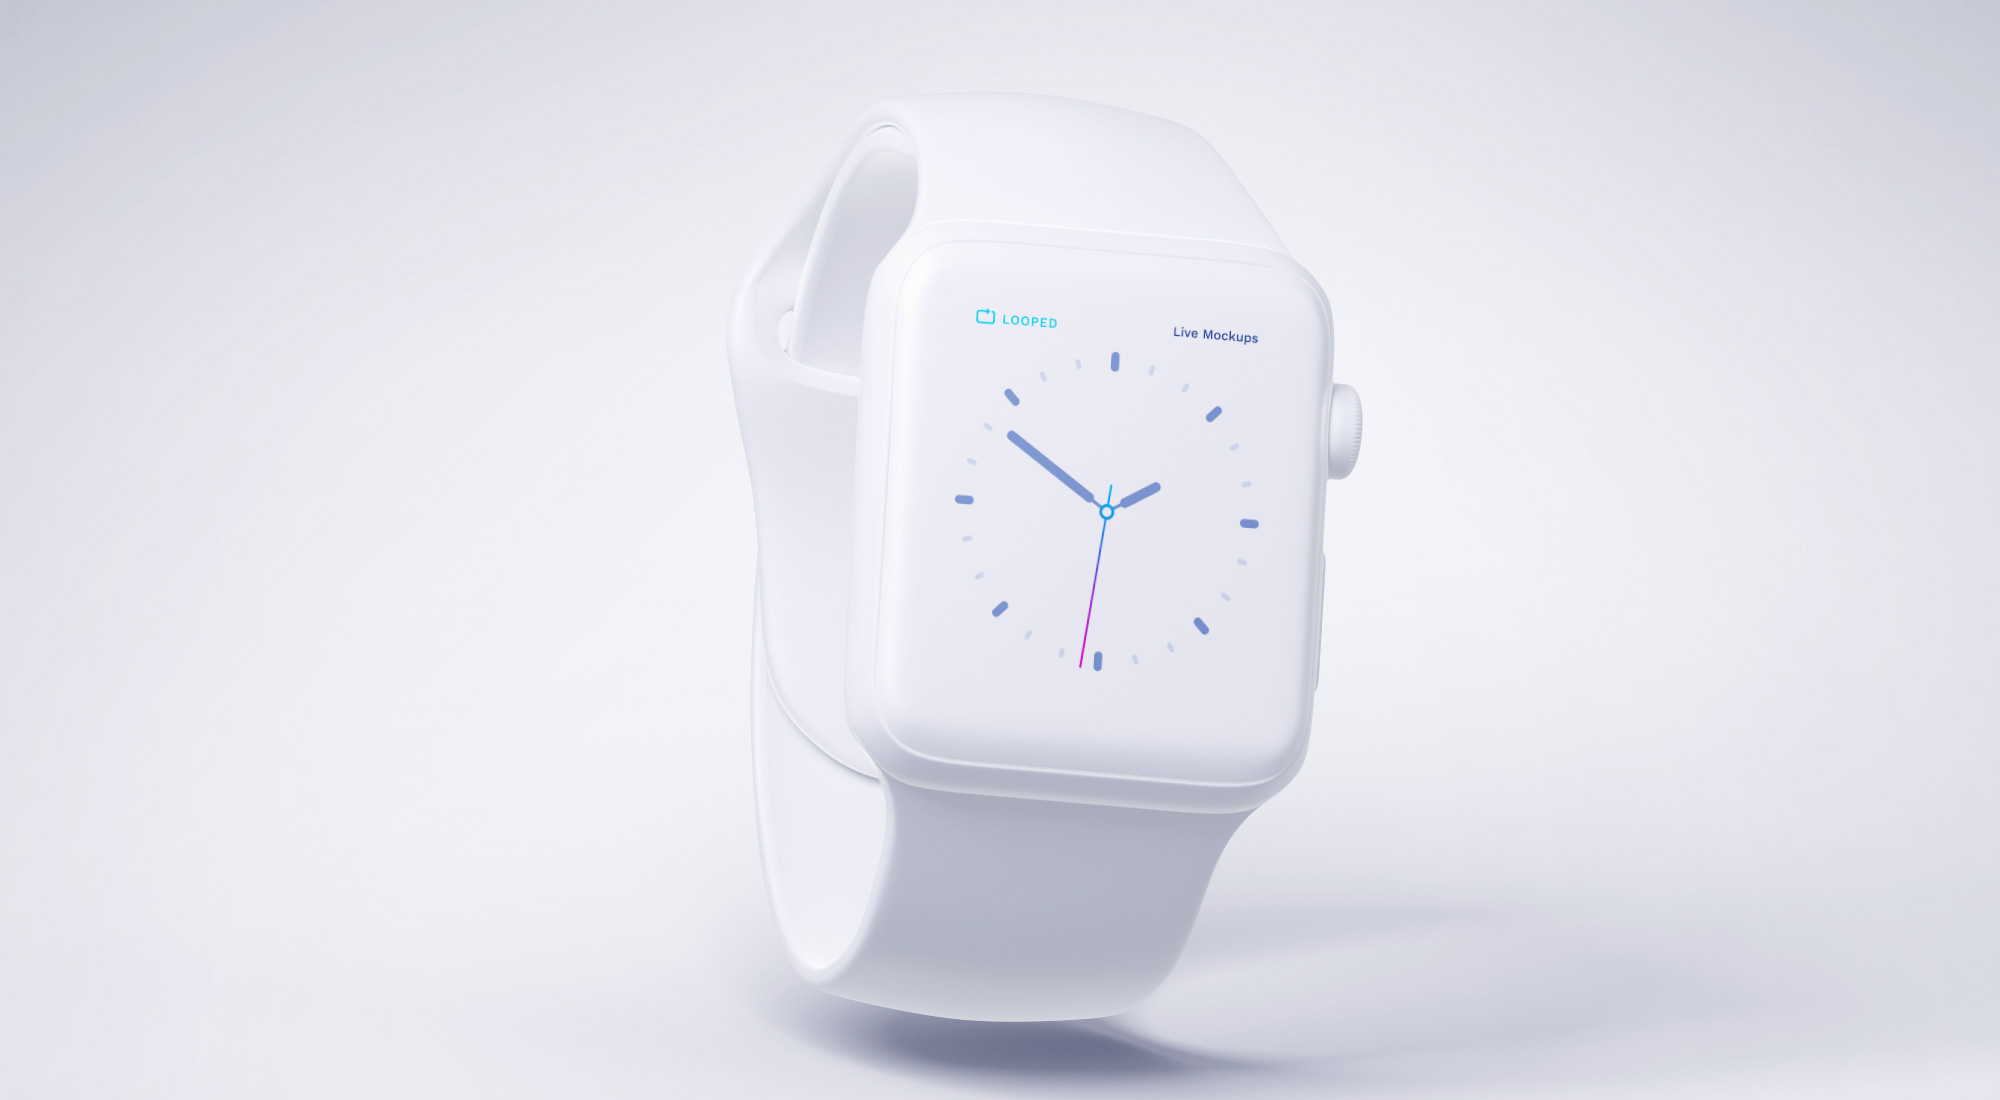 白色苹果各终端产品展示模板